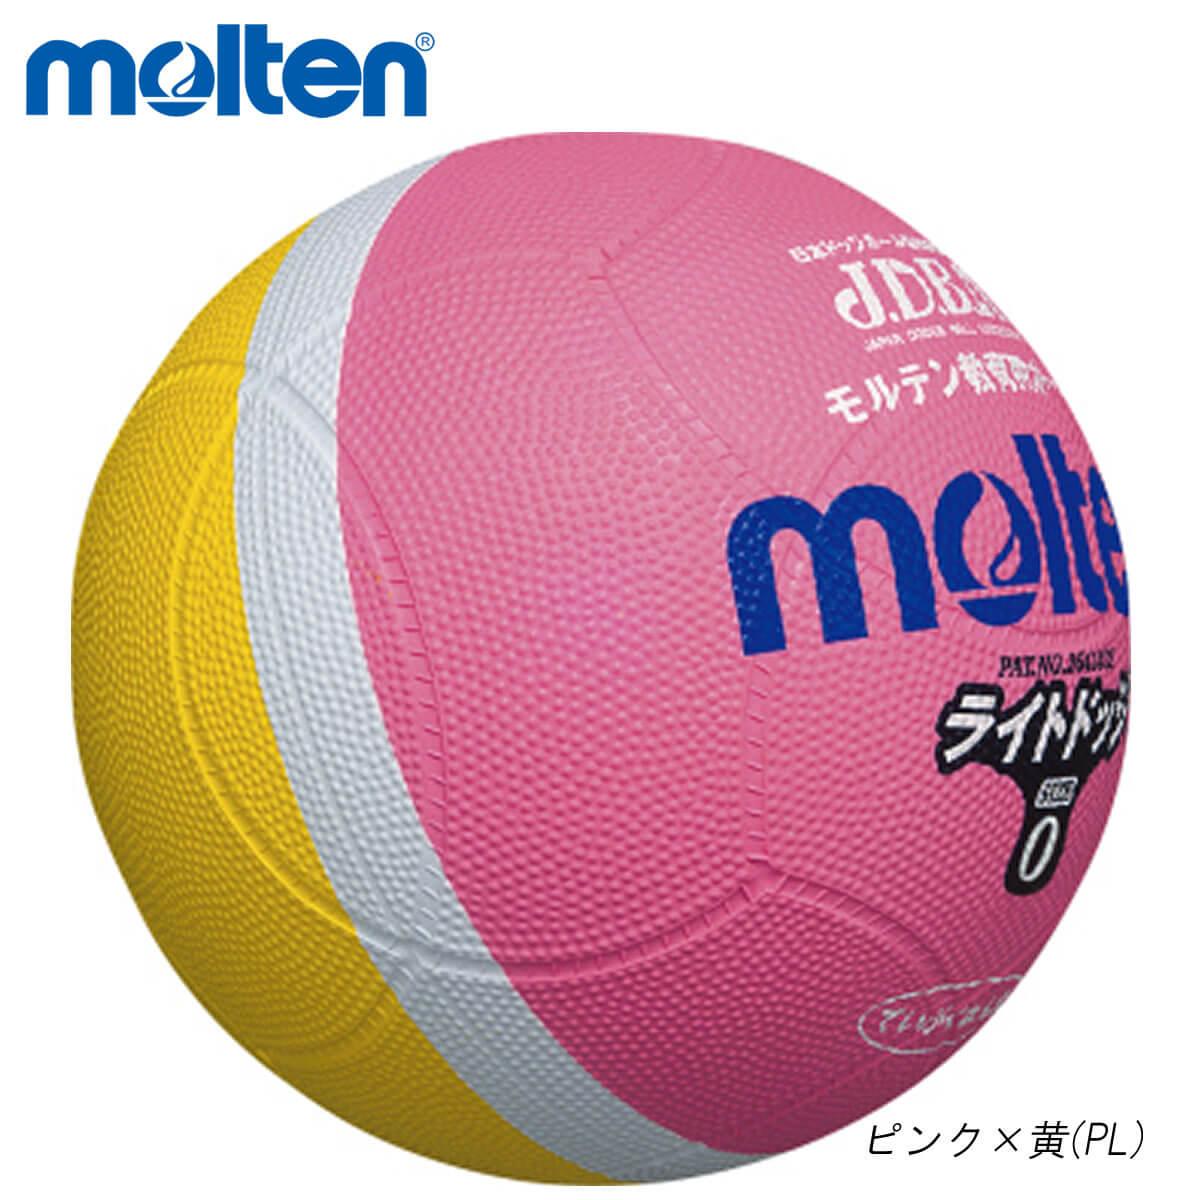 モルテン molten SLD0PL ドッジボール スーパーセール期間限定 ボール ライト 取り寄せ ライトドッジボール 2021 商舗